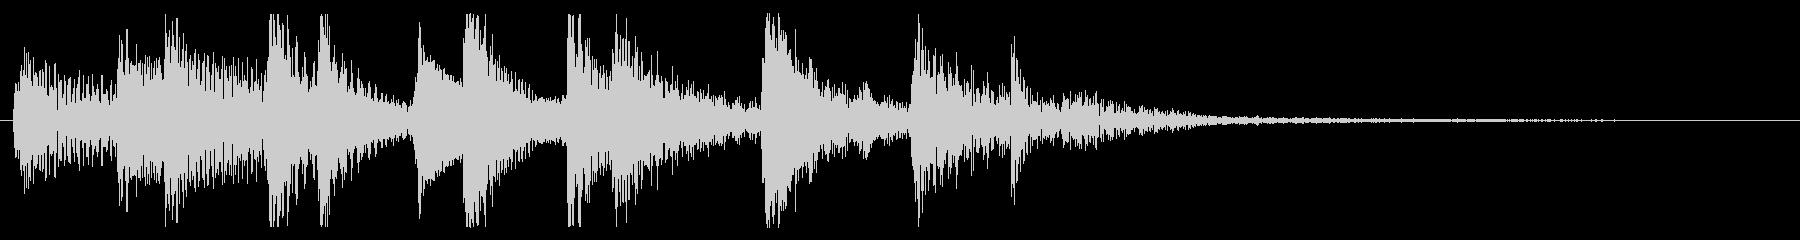 定番ウクレレのハワイアンバンプの未再生の波形